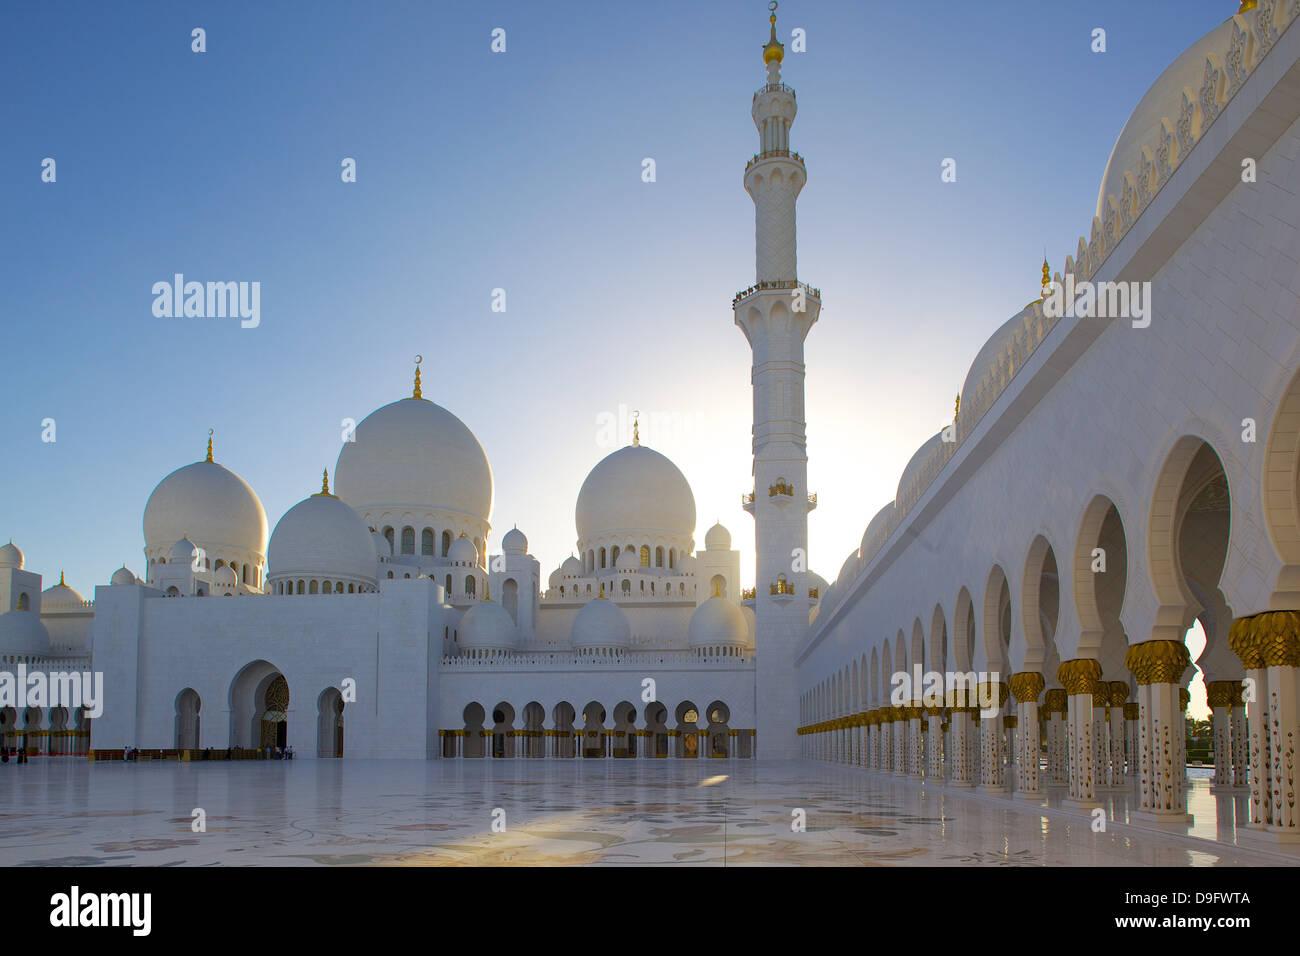 Scheich Zayed Bin Sultan Al Nahyan Moschee in Abu Dhabi, Vereinigte Arabische Emirate, Naher Osten Stockbild